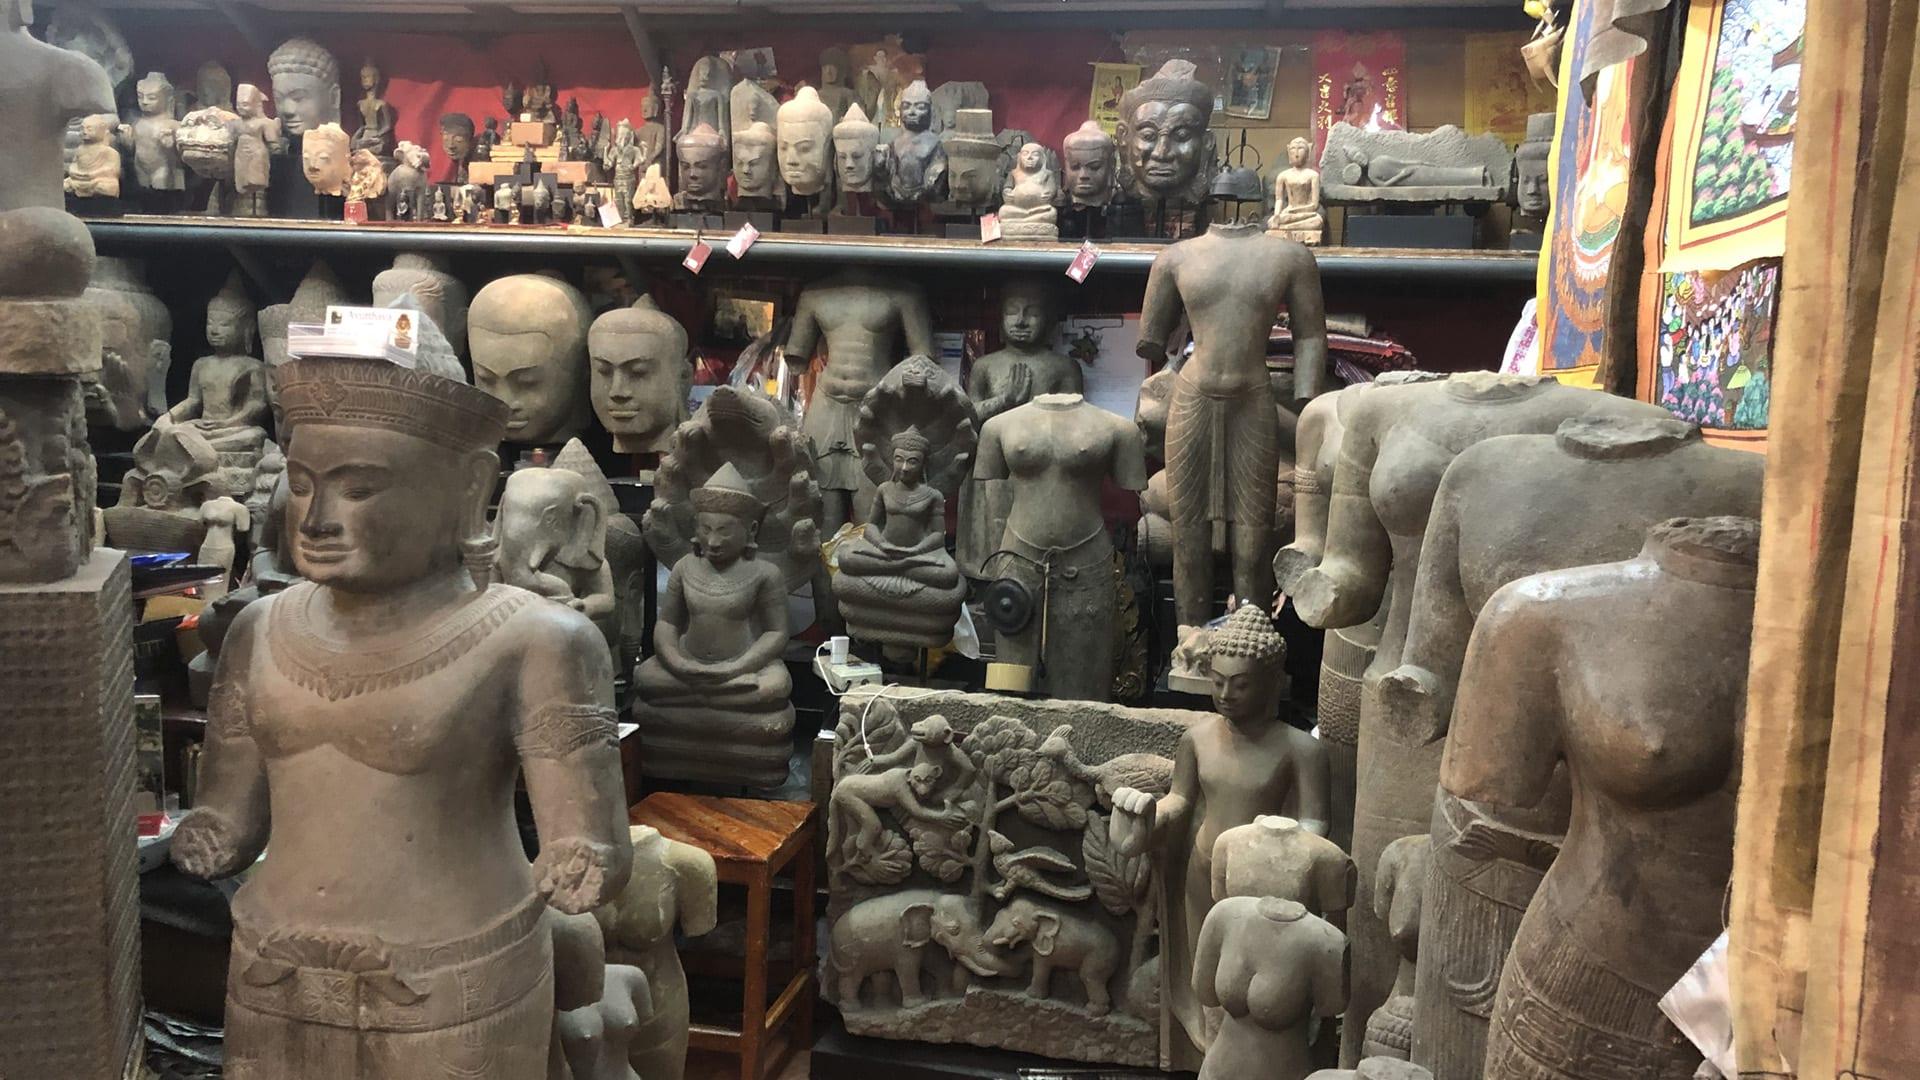 Chatuchak Weekend Market: the largest market in Thailand